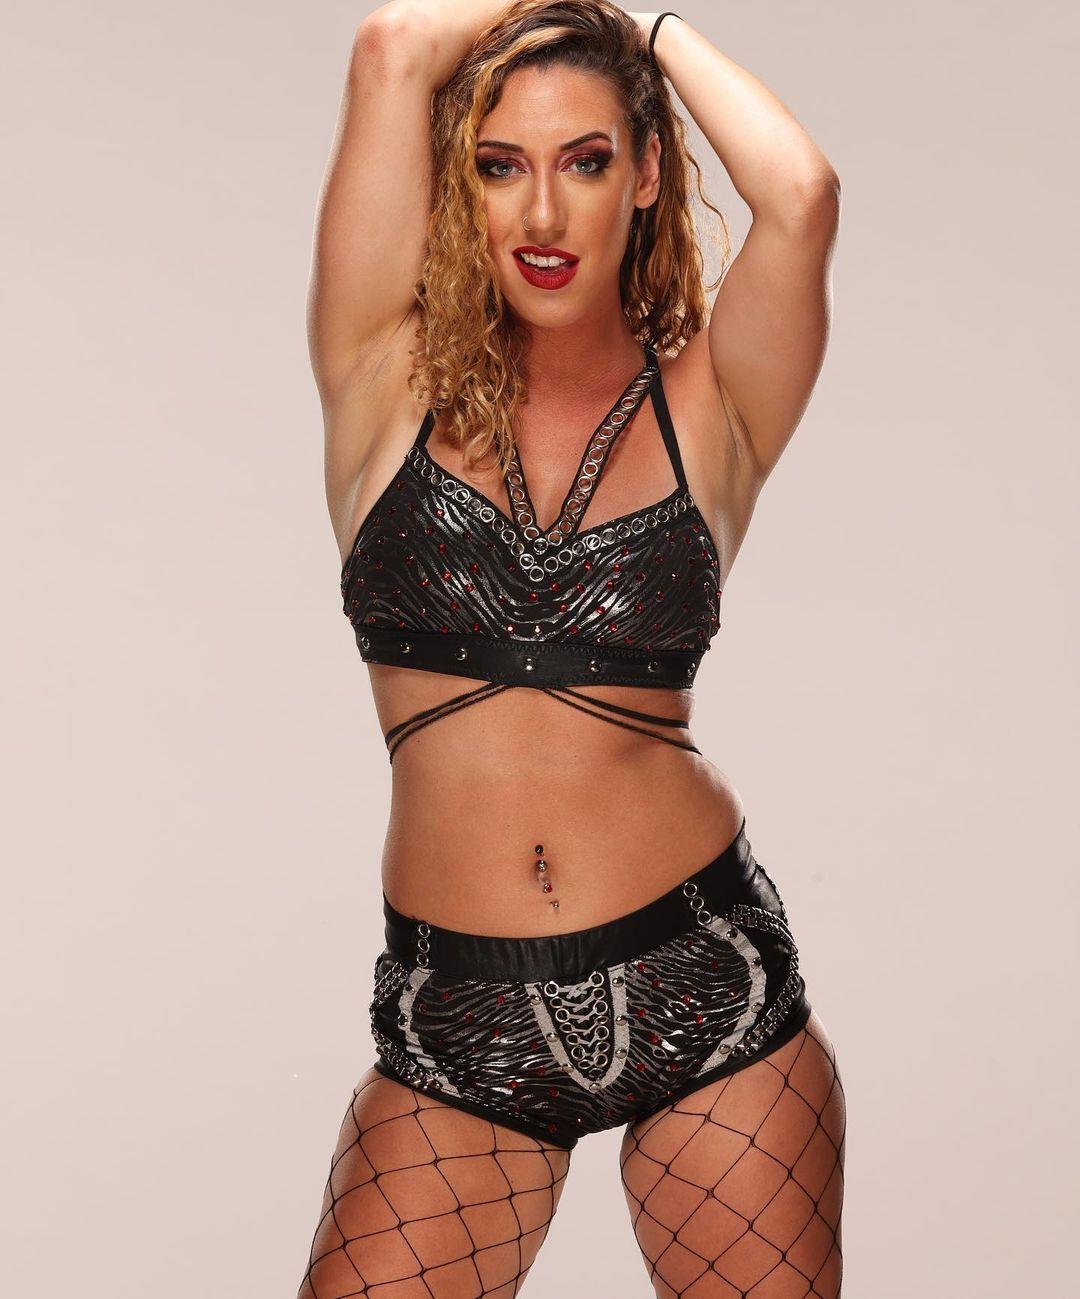 WWE Women 🌞, � Jacy Jayne �